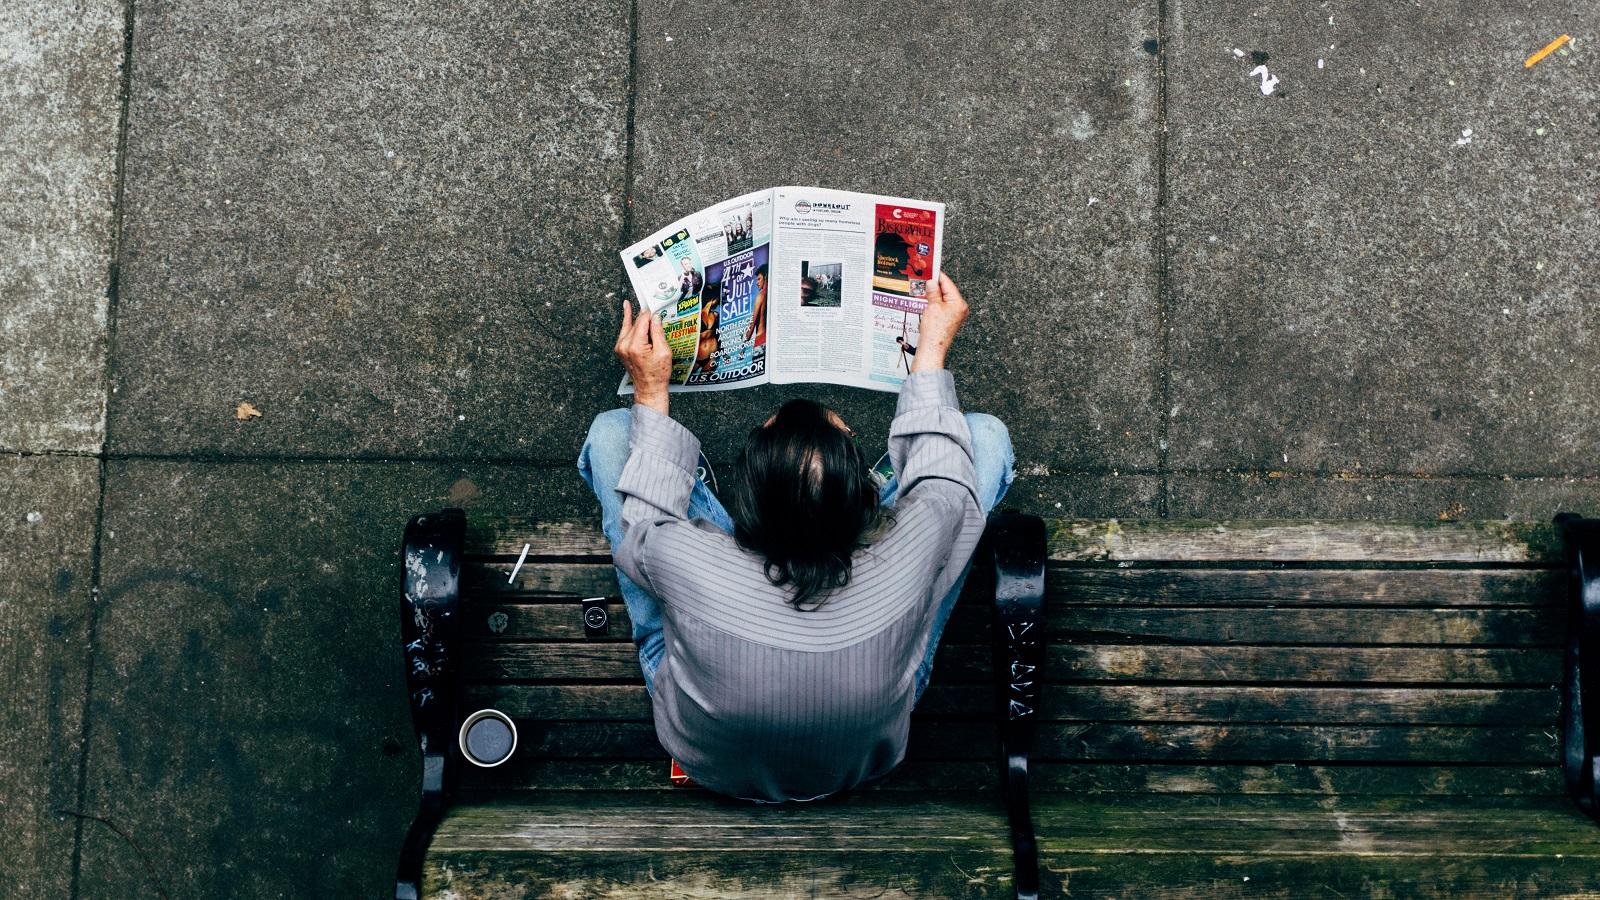 Ein Mann auf der Bank mit einem Magazin oder einer Zeitung. (Foto: Mike-Ackerman, Unsplash.com)